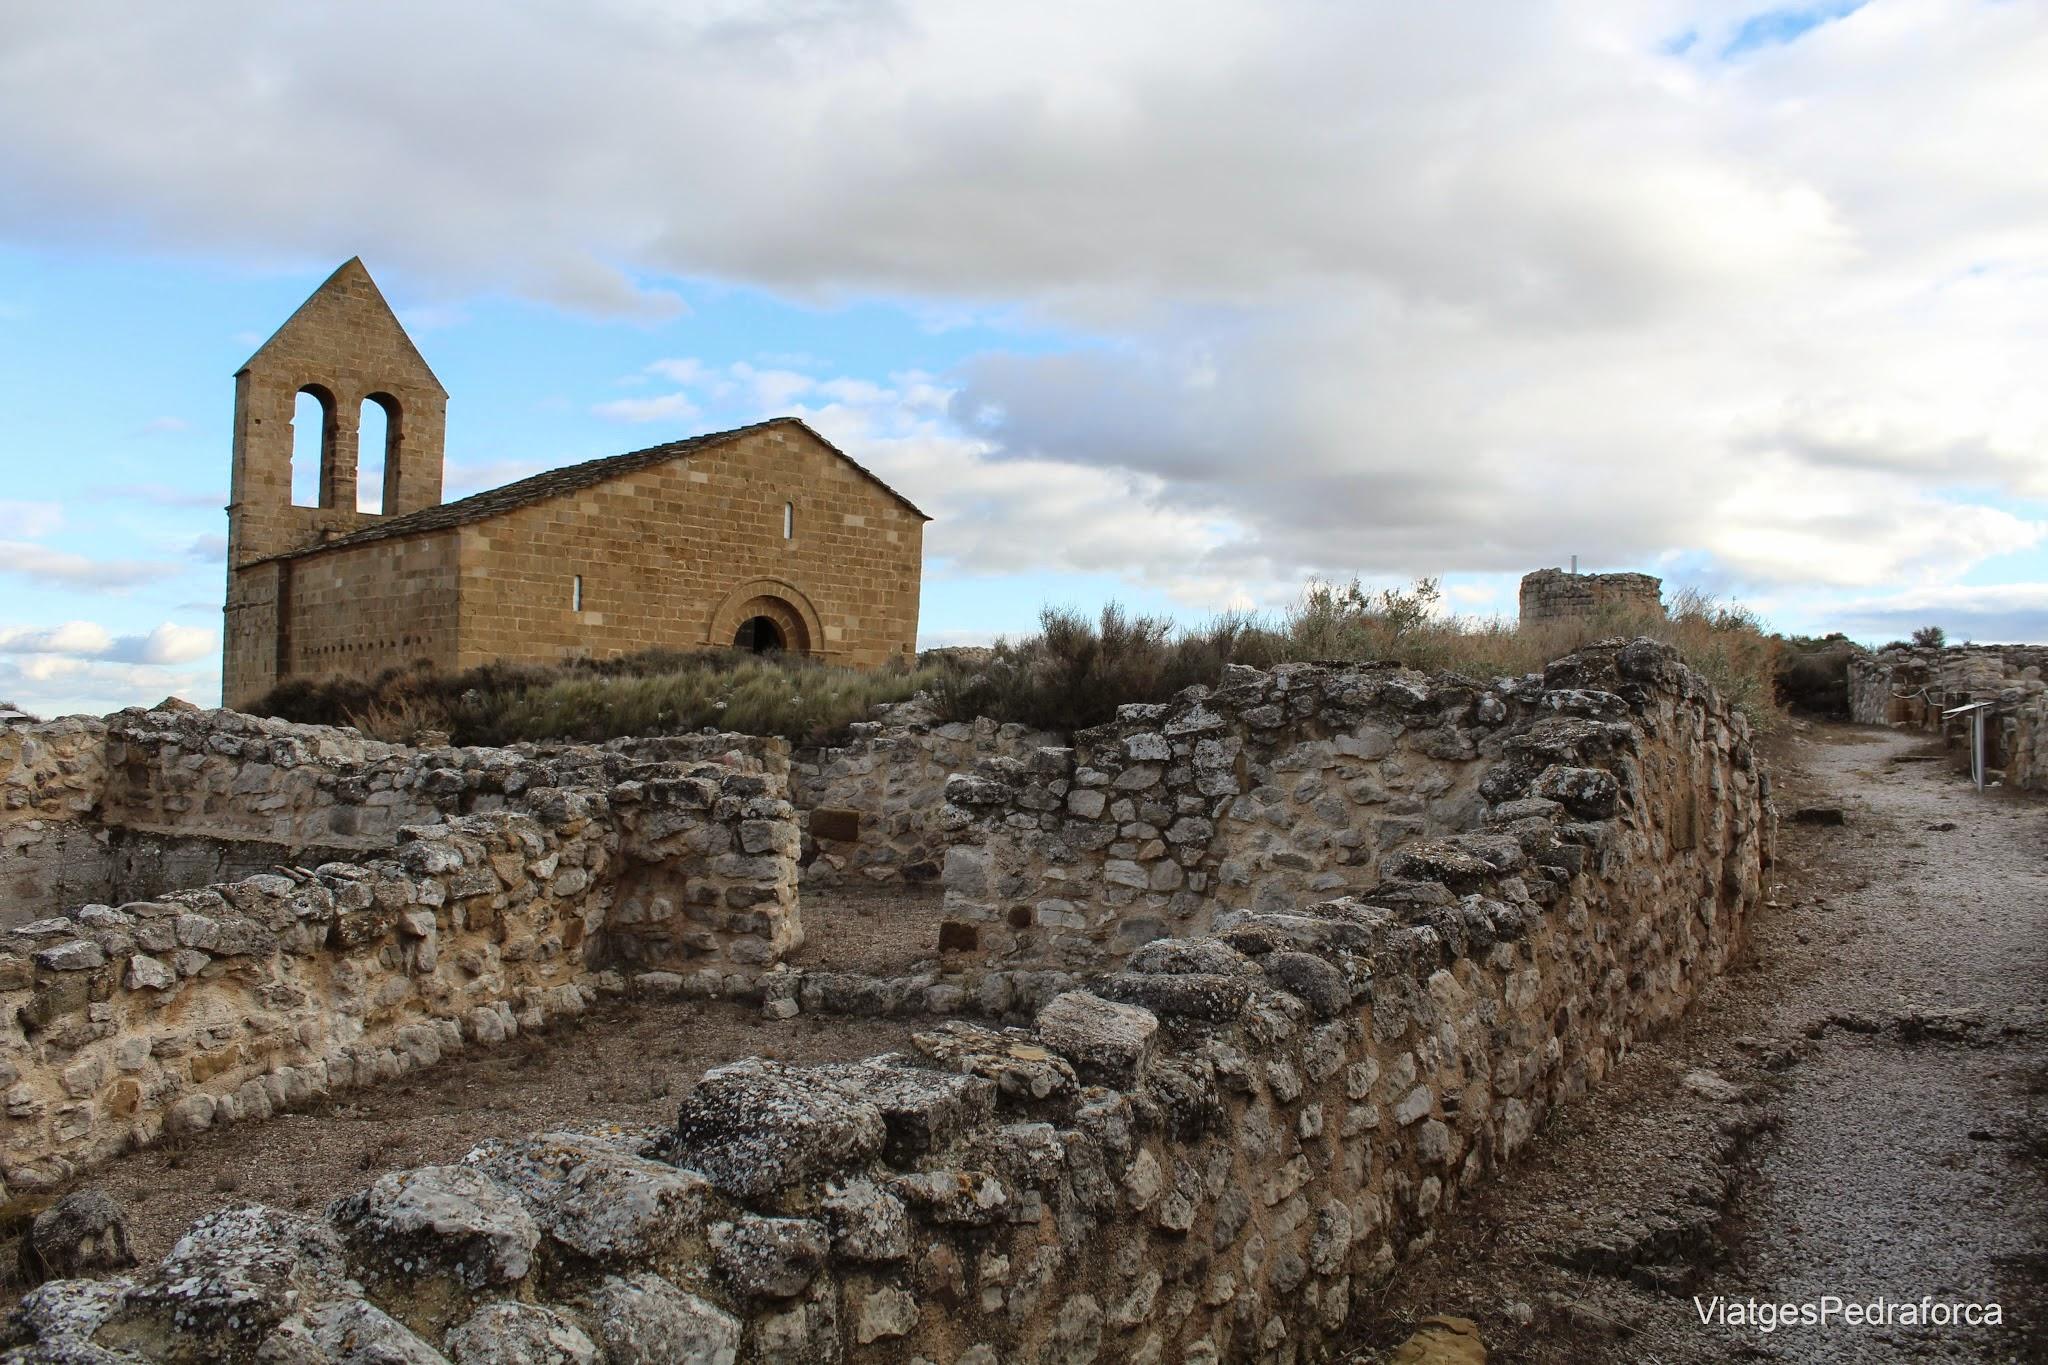 Recinto medieval amurallado de Rada Navarra